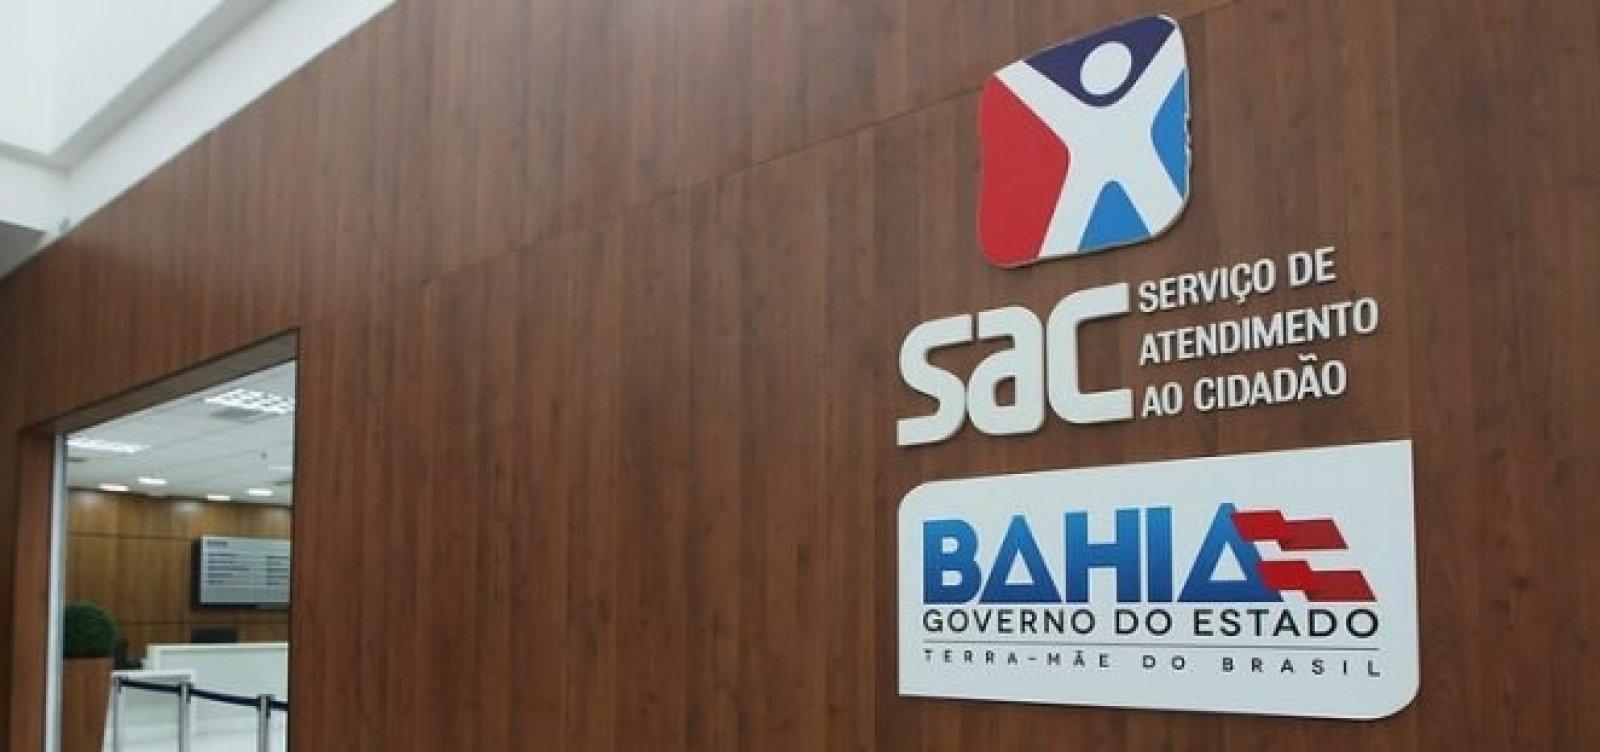 [Após restrições na Bahia, postos do SAC suspendem atendimento neste sábado ]